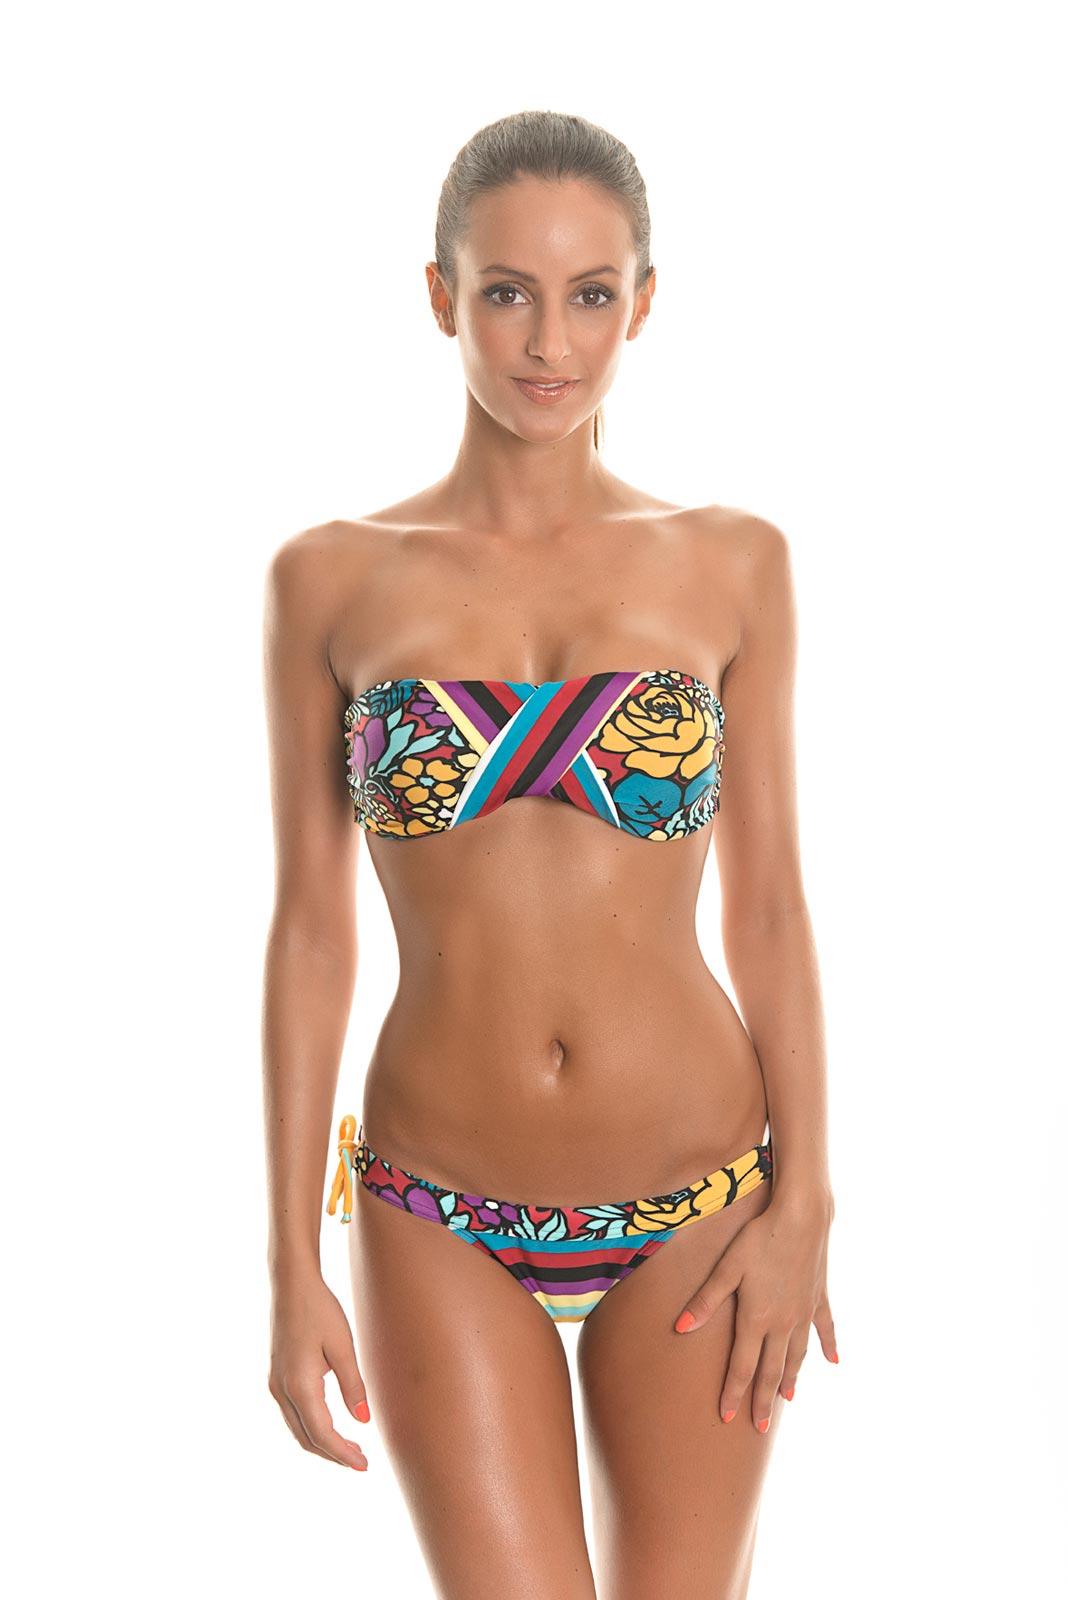 Bandeau bikini and